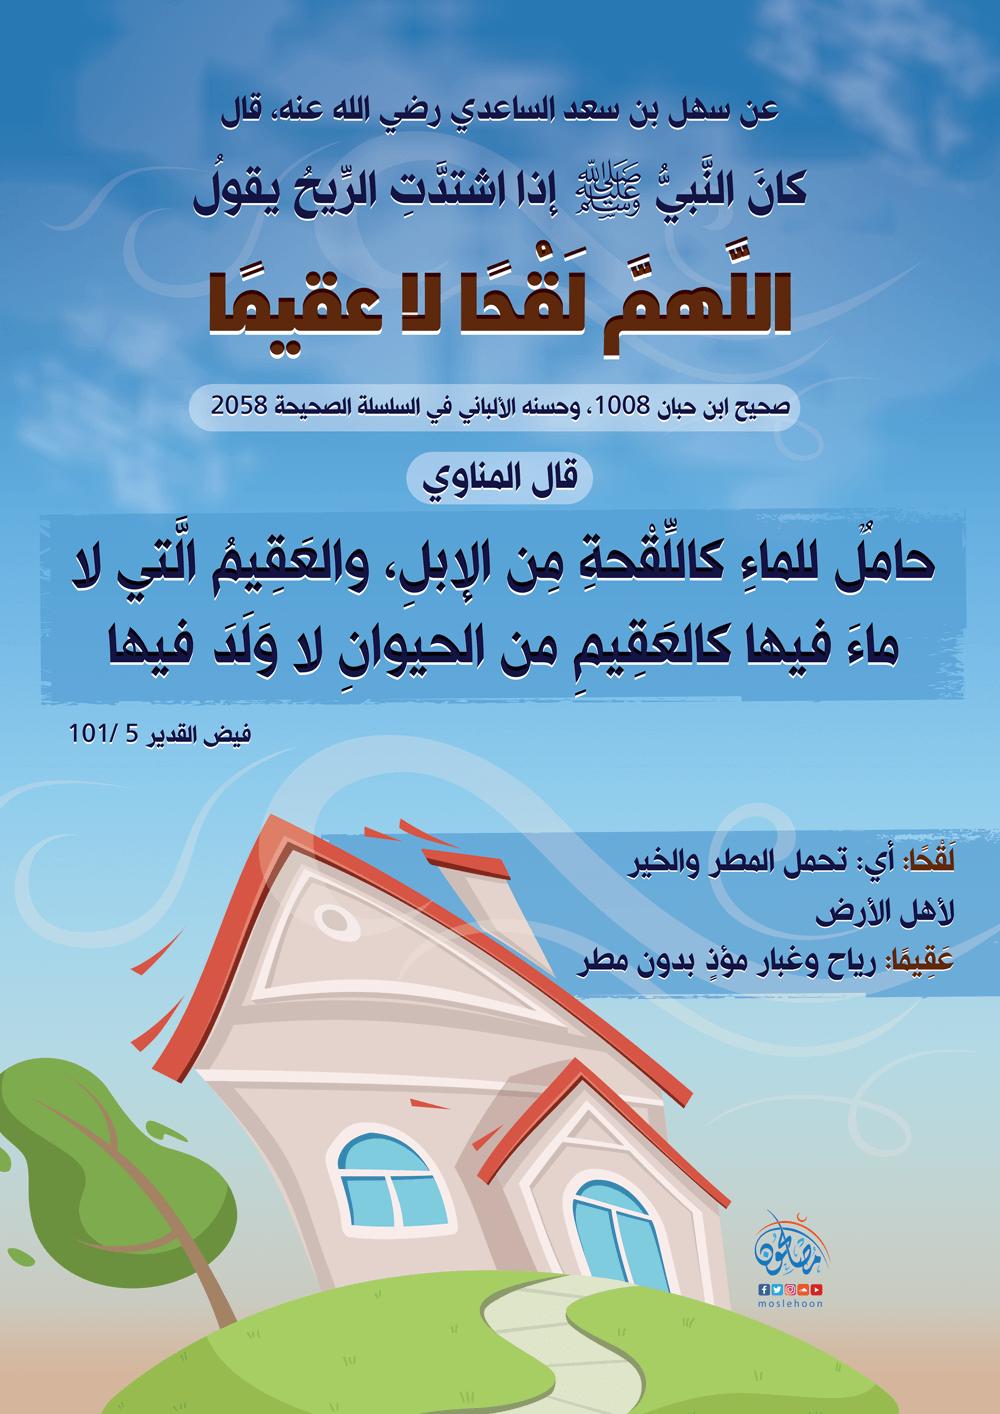 دعاء النبي ﷺ عند اشتداد الريح